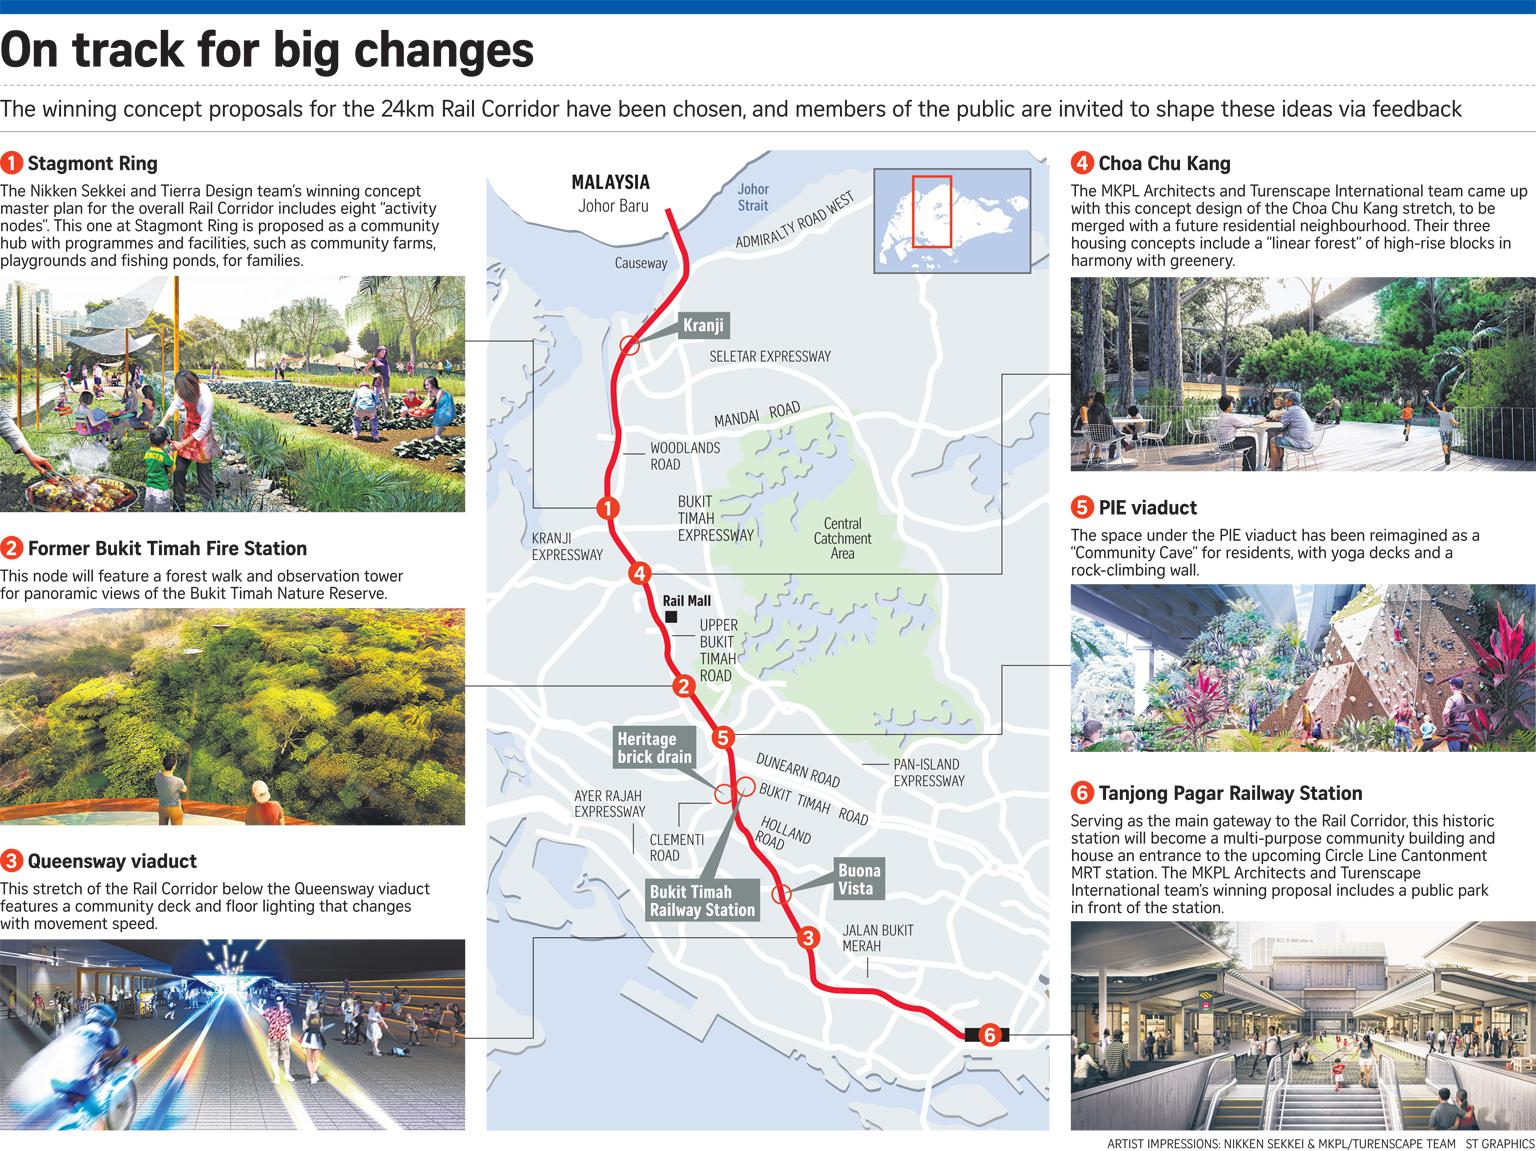 2015_ST-Singapore-Rail-corridor-concept-proposals